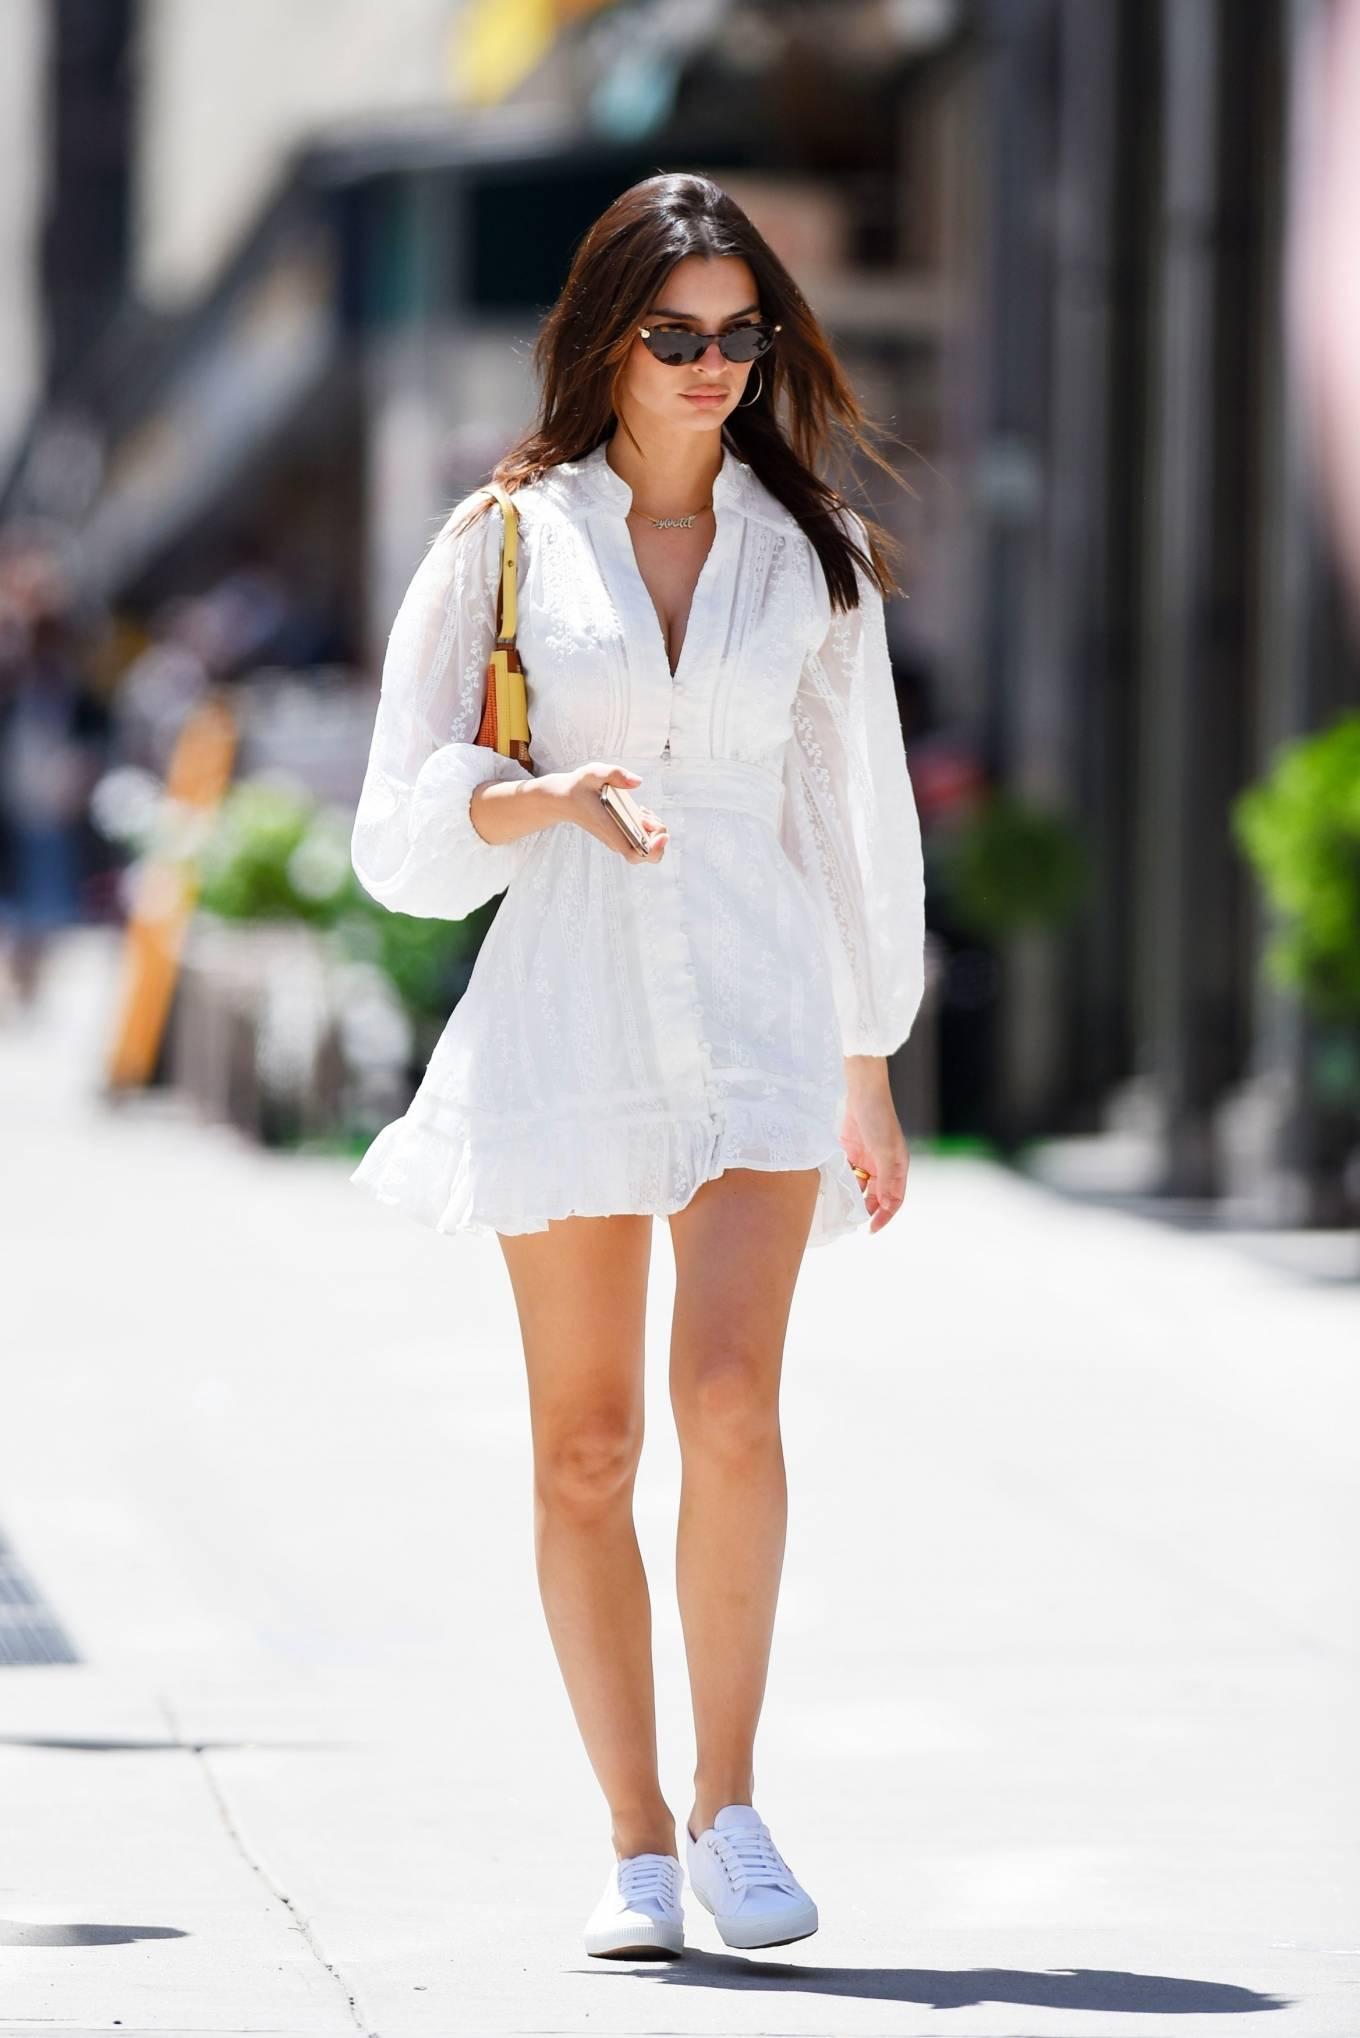 Emily Ratajkowski - In a white mini dress out in New York